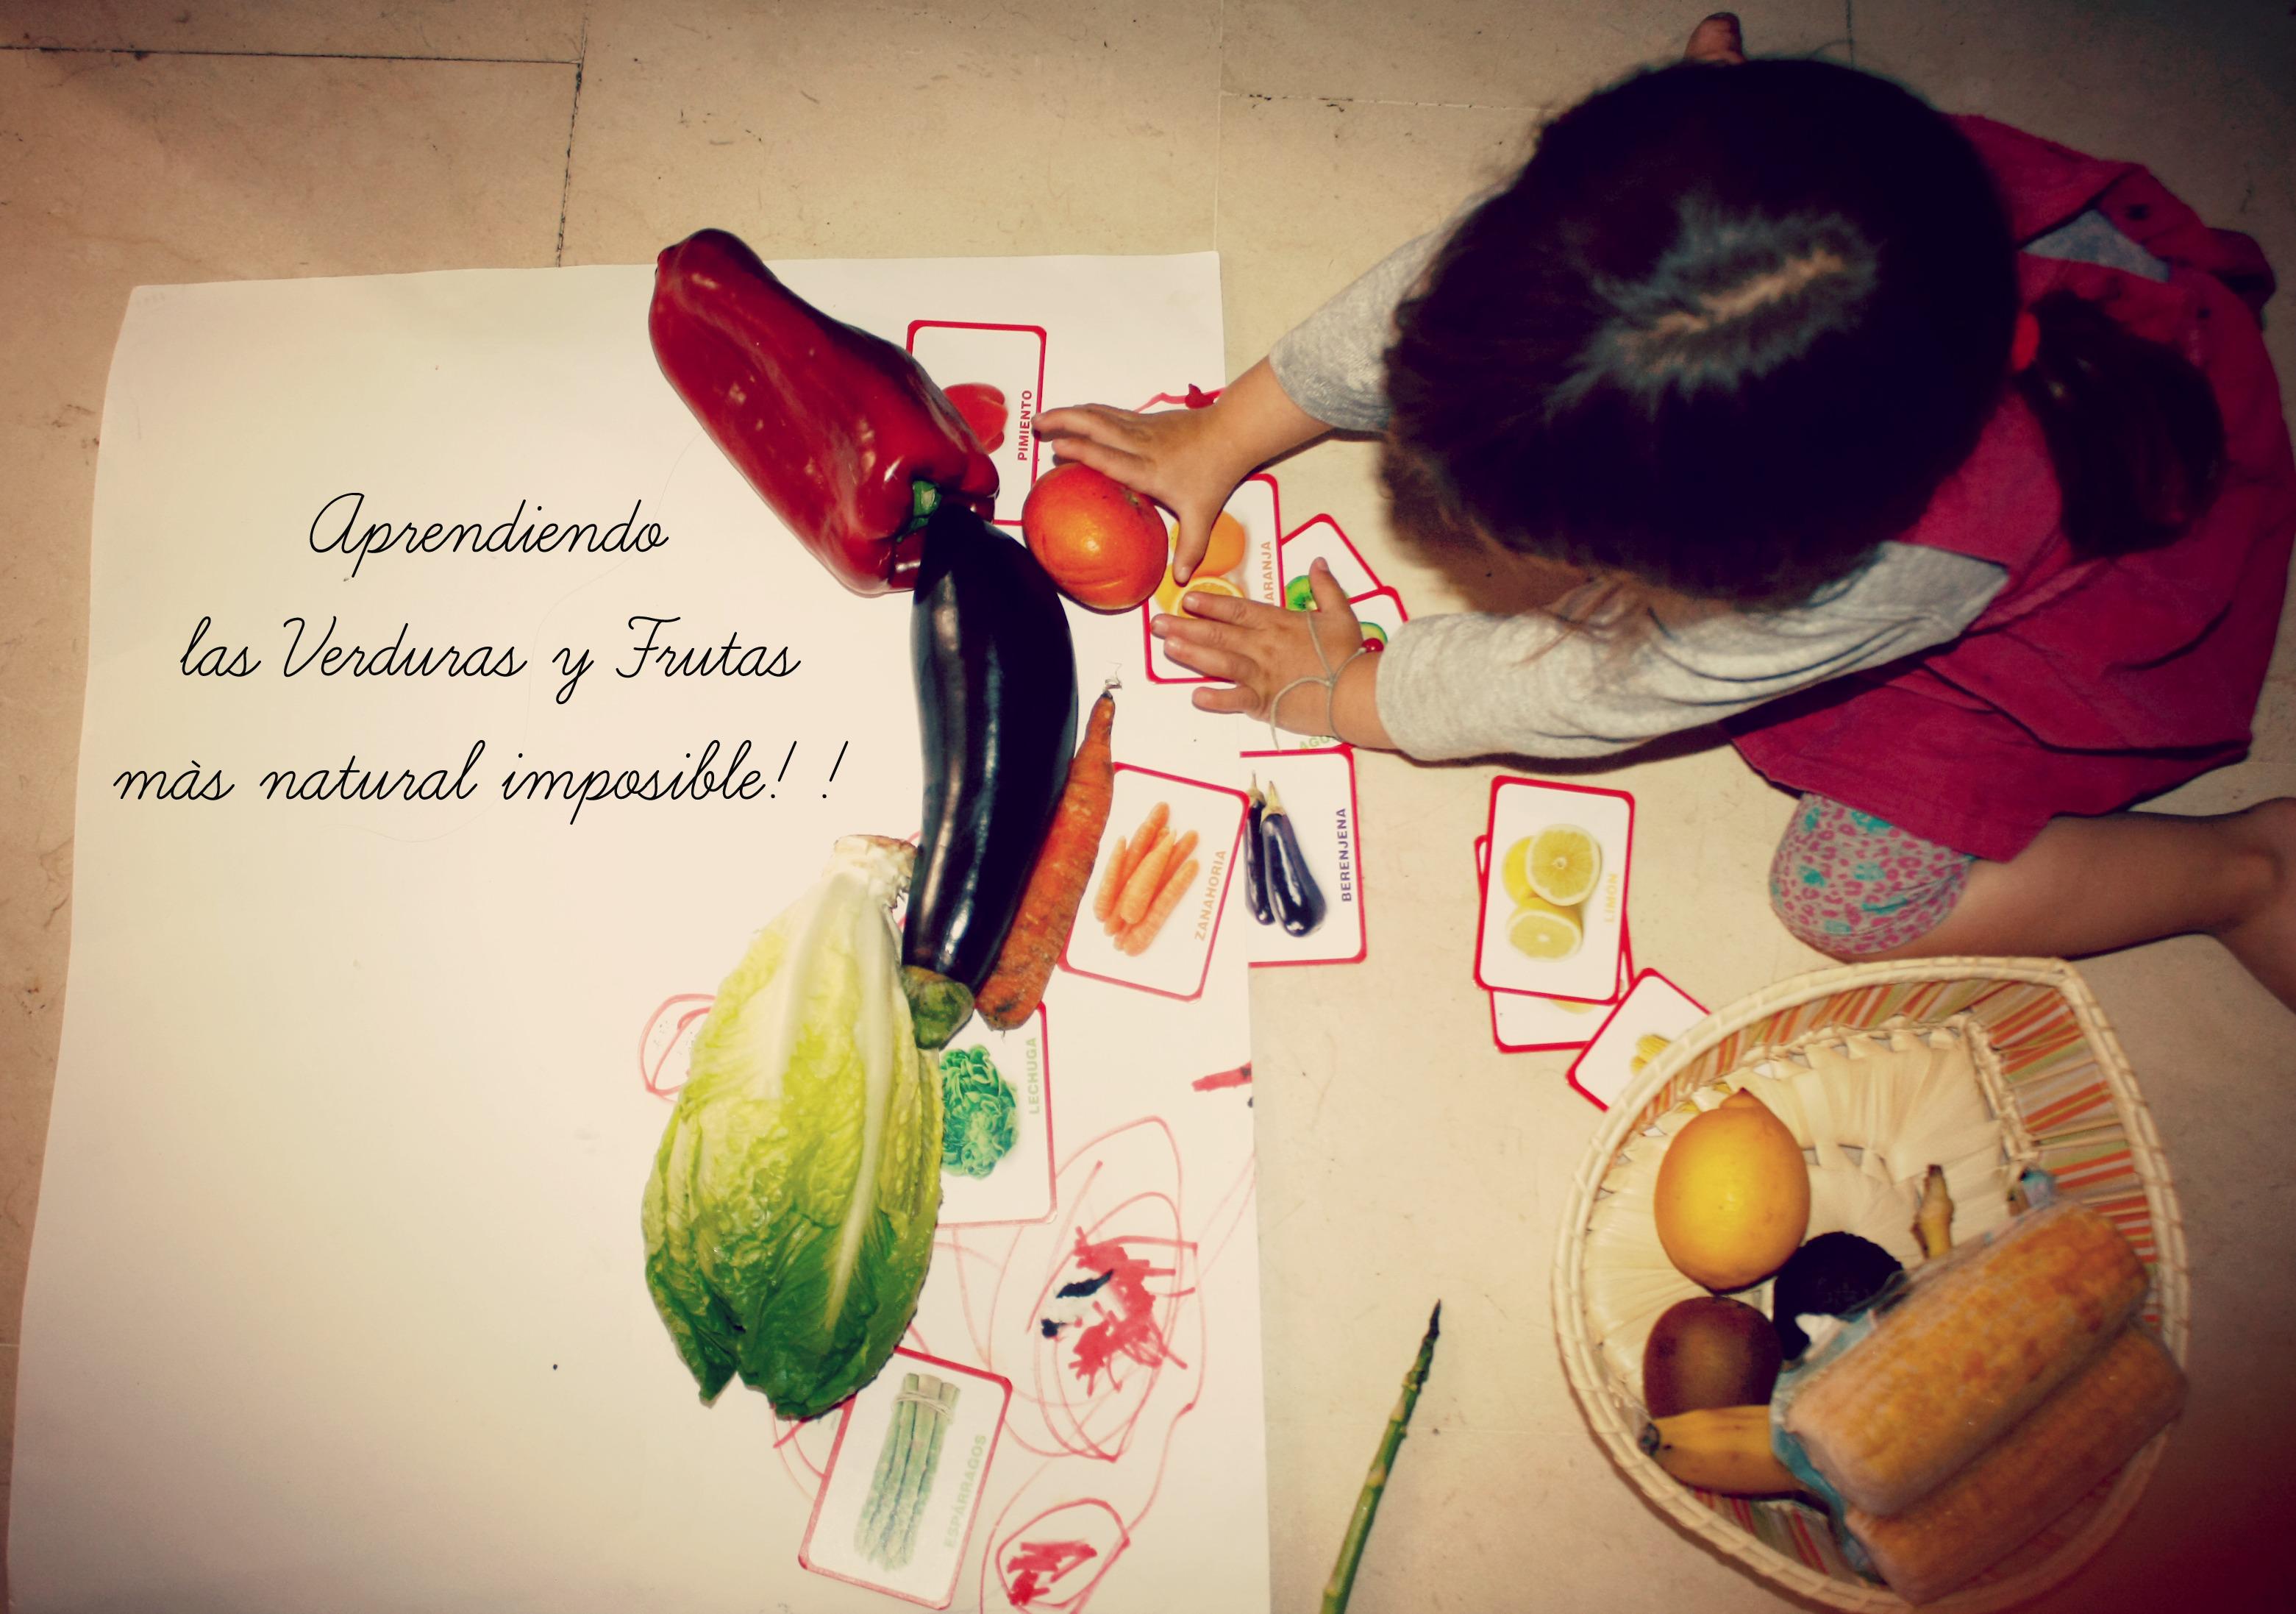 Con unas tarjetas de frutas y verduras, ella fue colocando cada una con su correspondiente